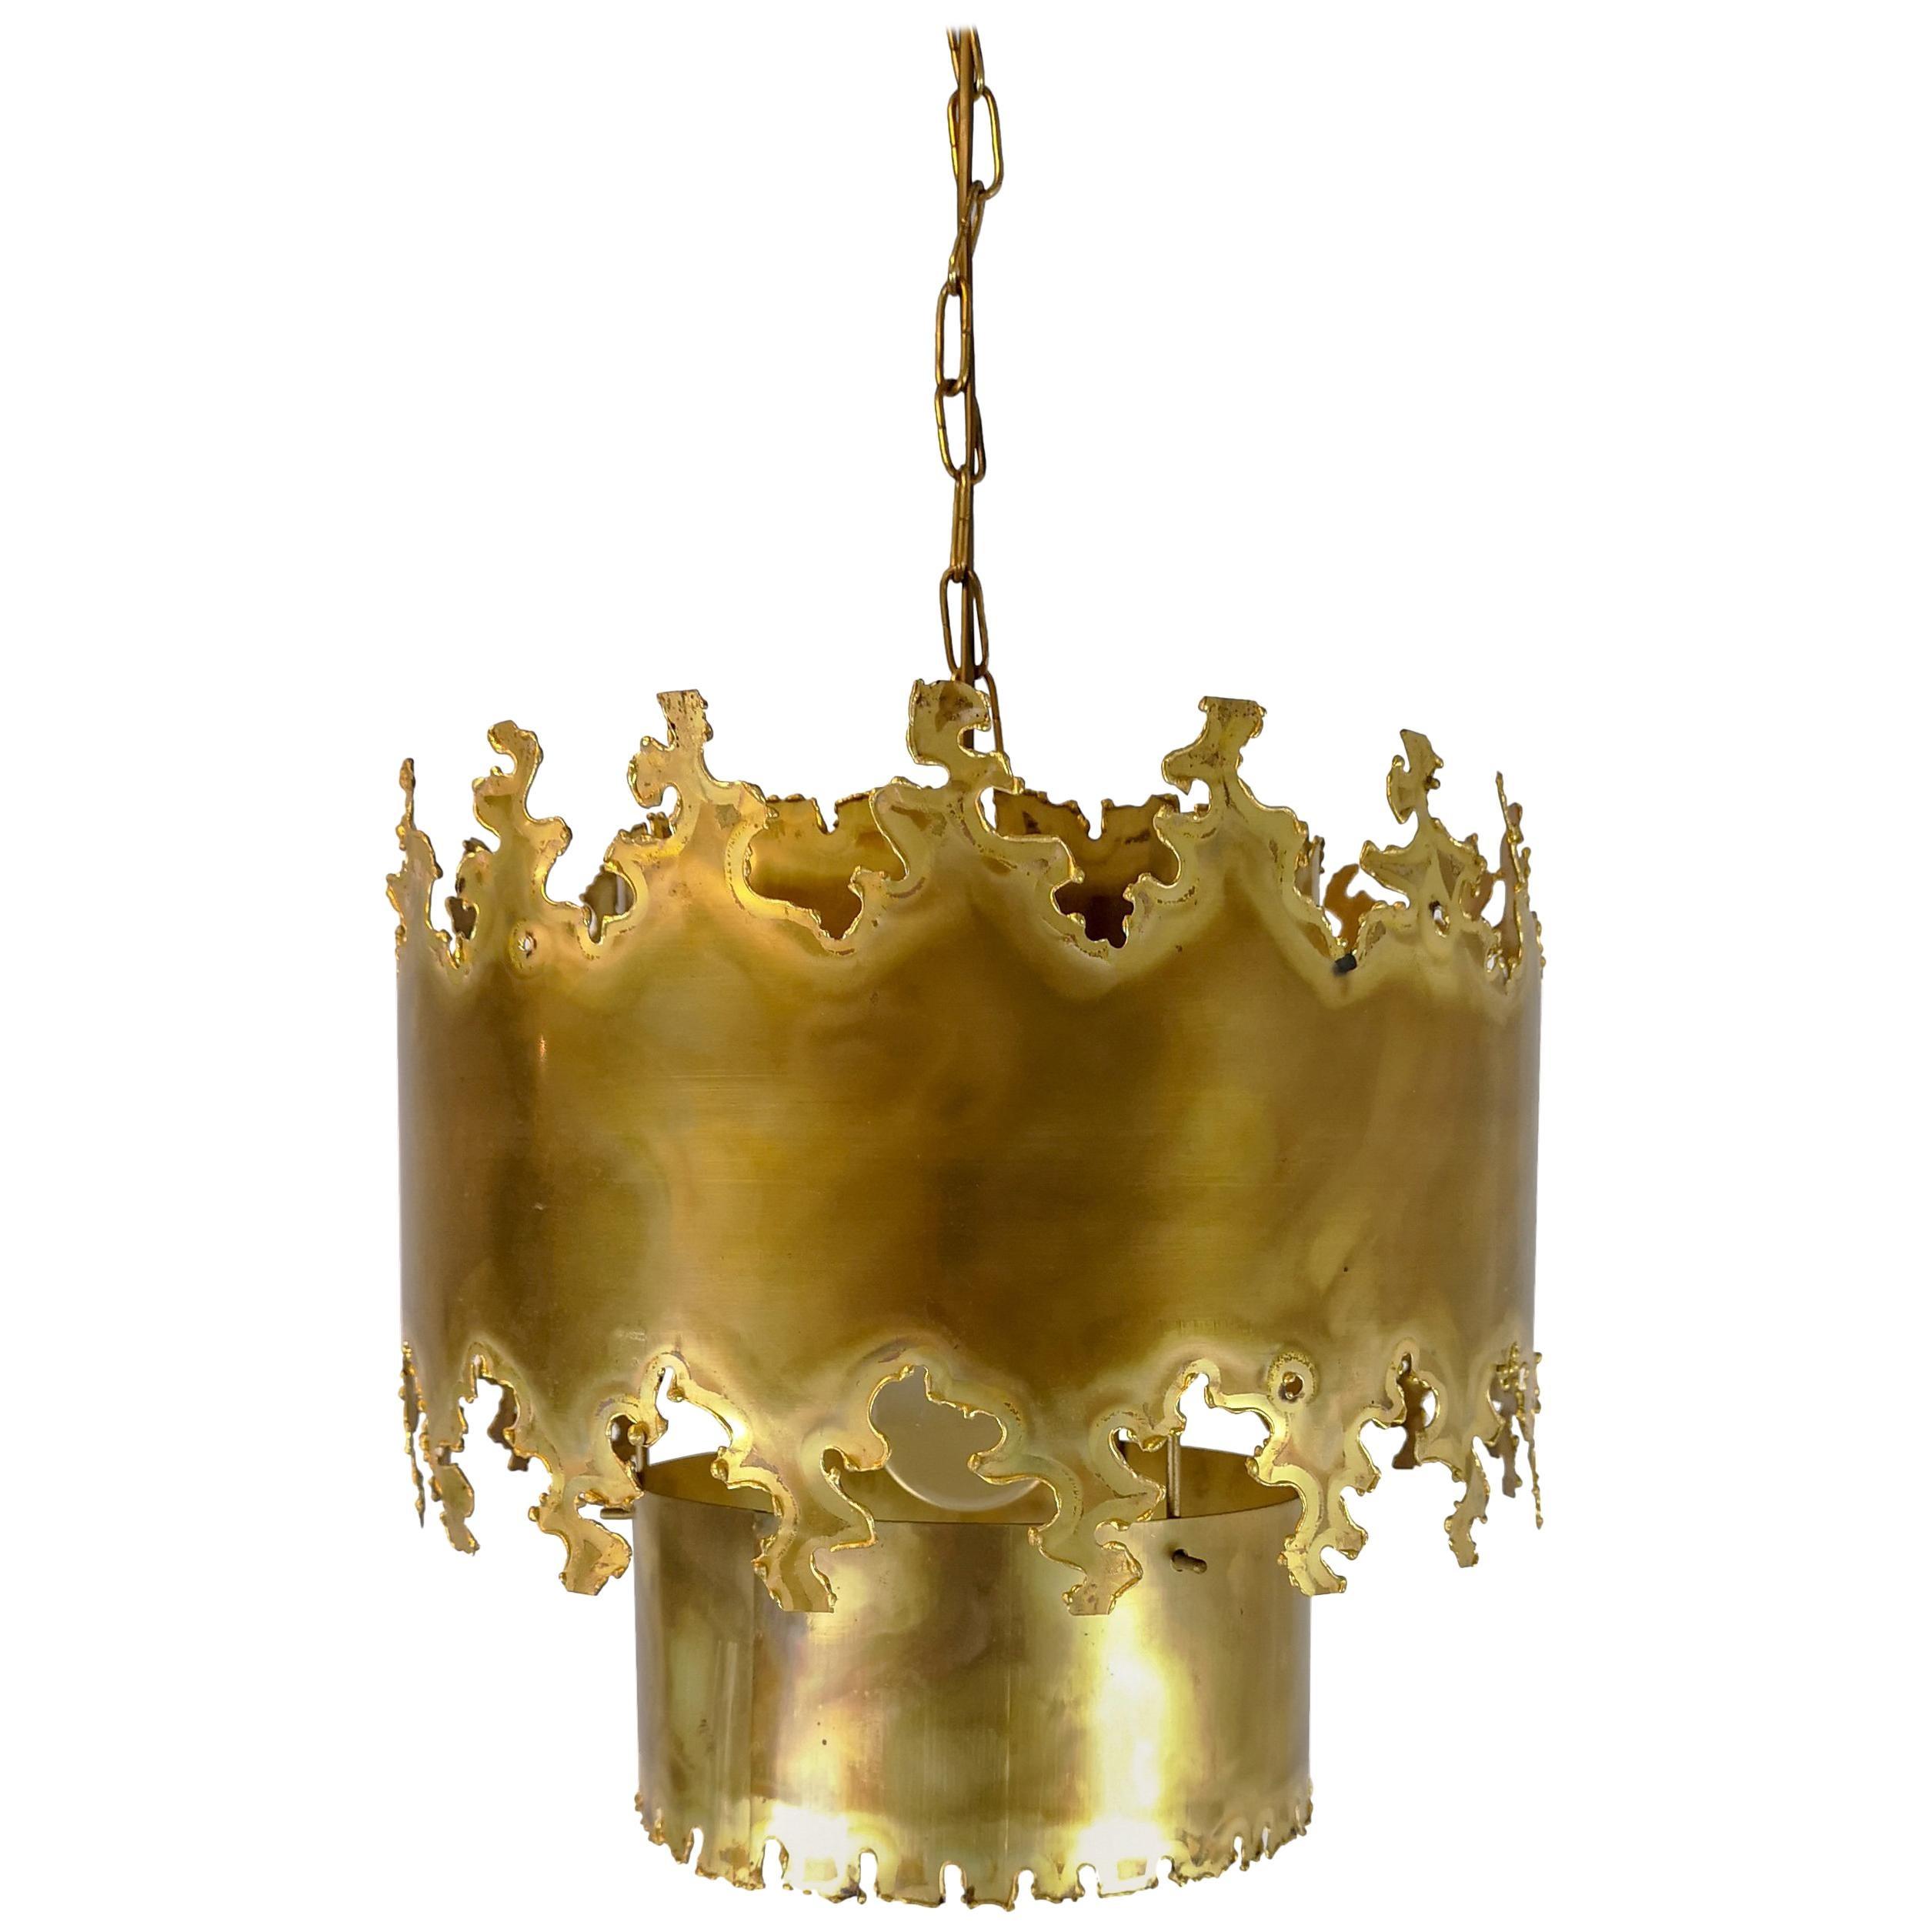 Svend Aage Holm Sorensen Brutalist Ceiling Lamp 1960s for Holm Sorensen & Co